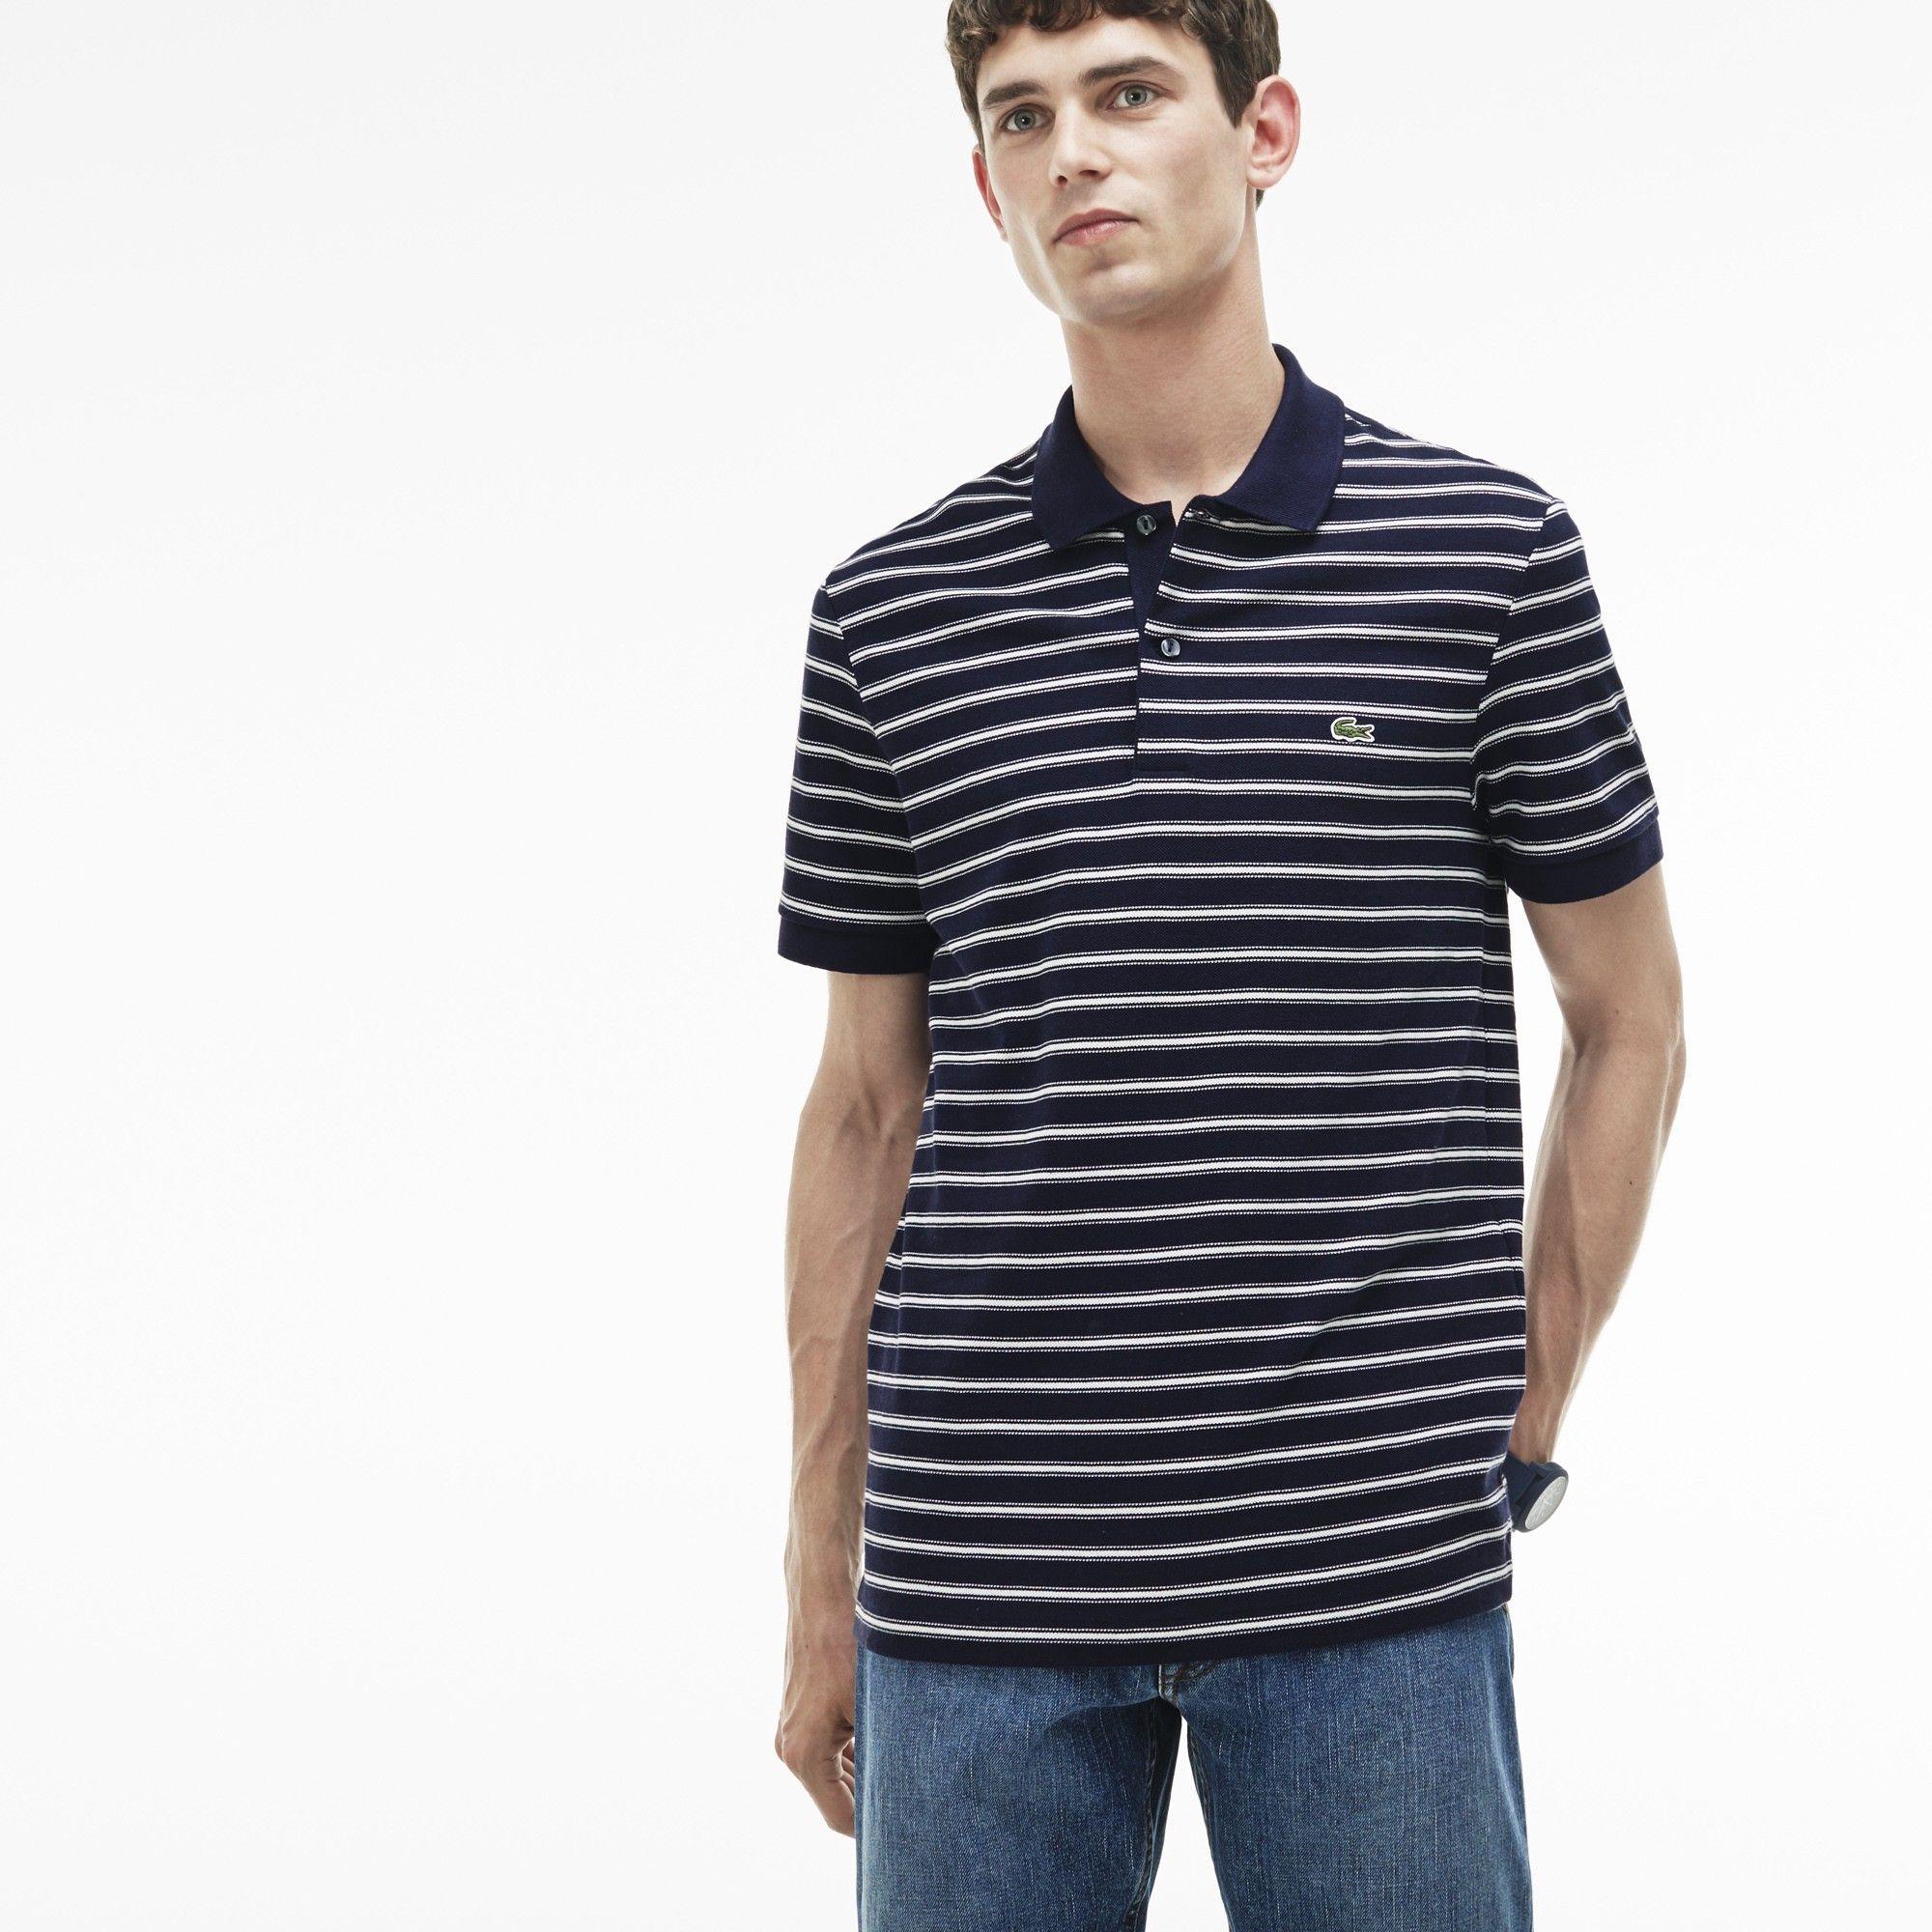 abdf0d51 LACOSTE Men's Regular Fit Striped Cotton Petit Piqué Polo - blue pigment  chine/flour. #lacoste #cloth #